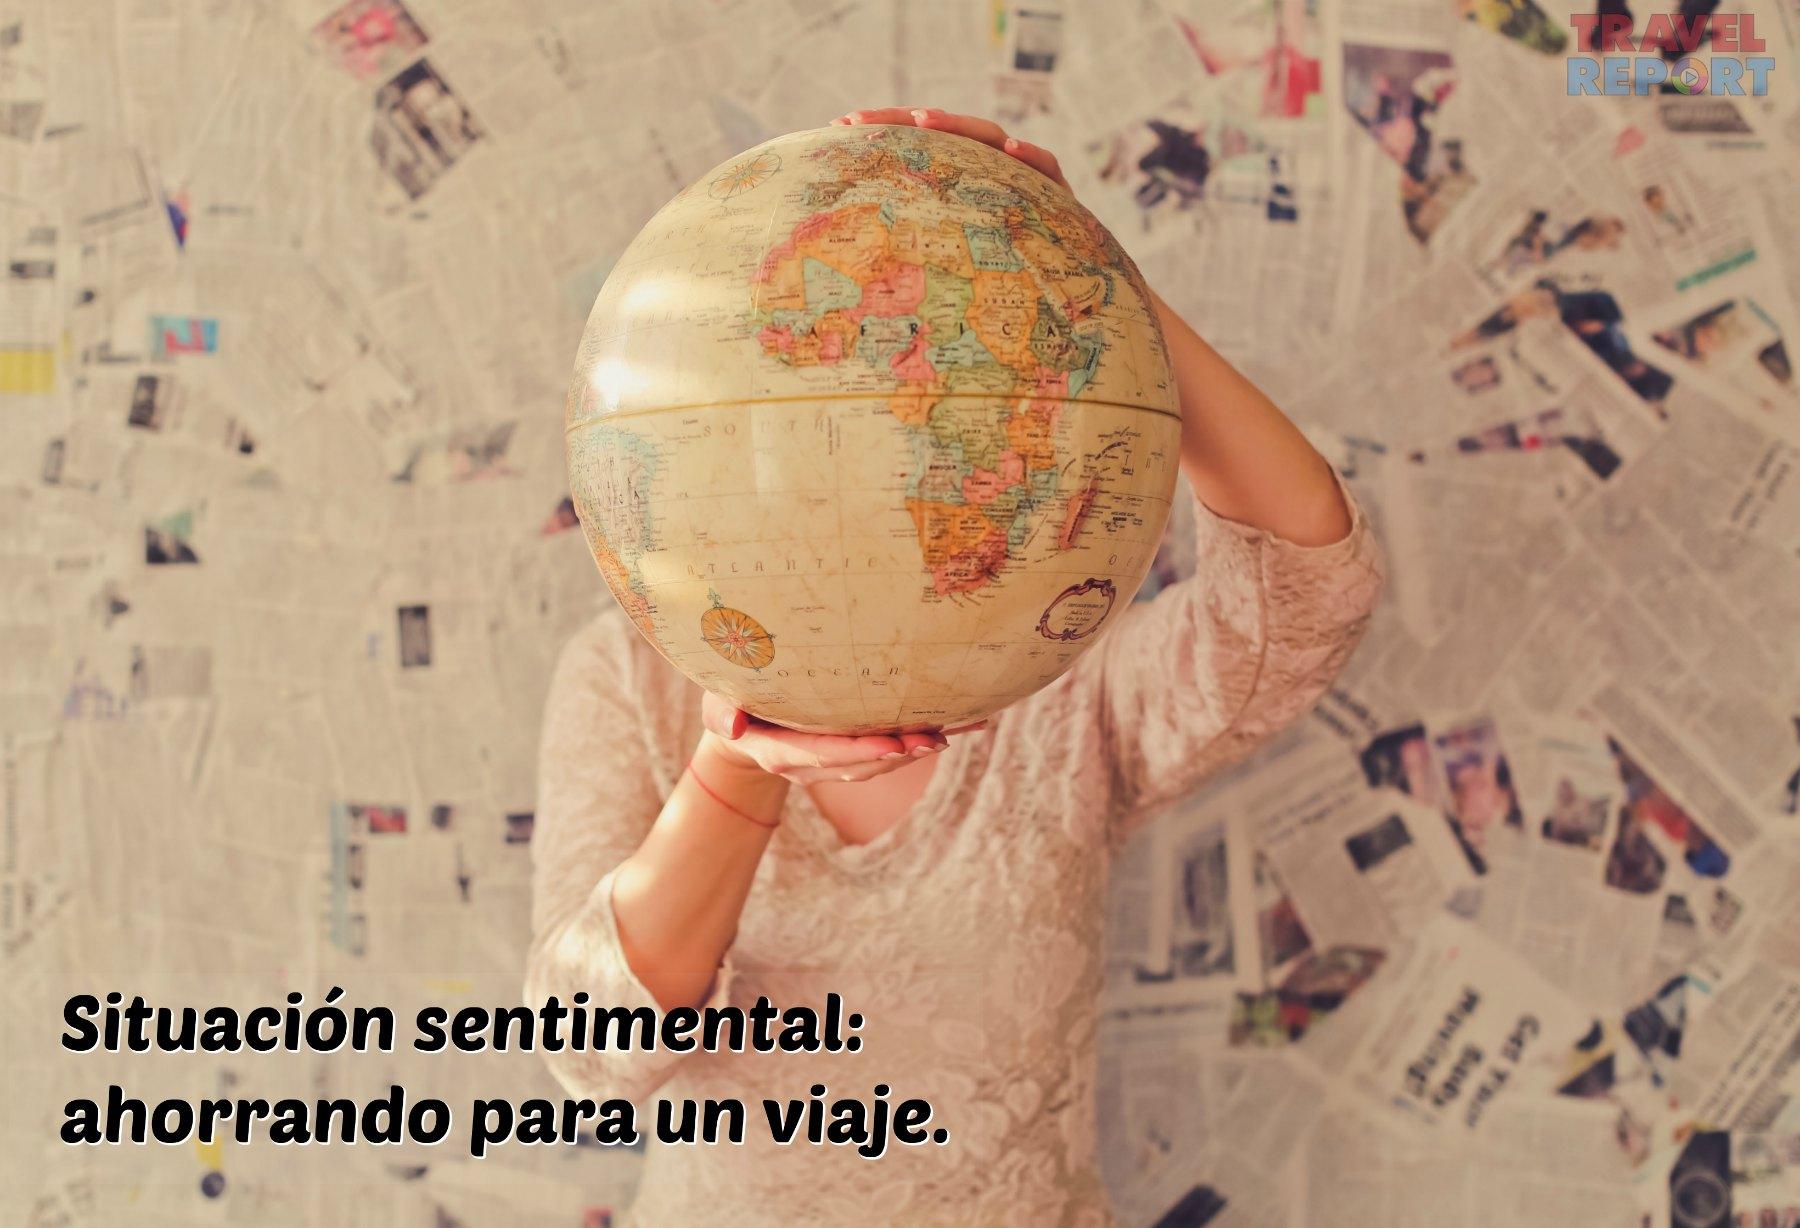 frases-viajeras-mujeres-solteras-situacion-sentimental